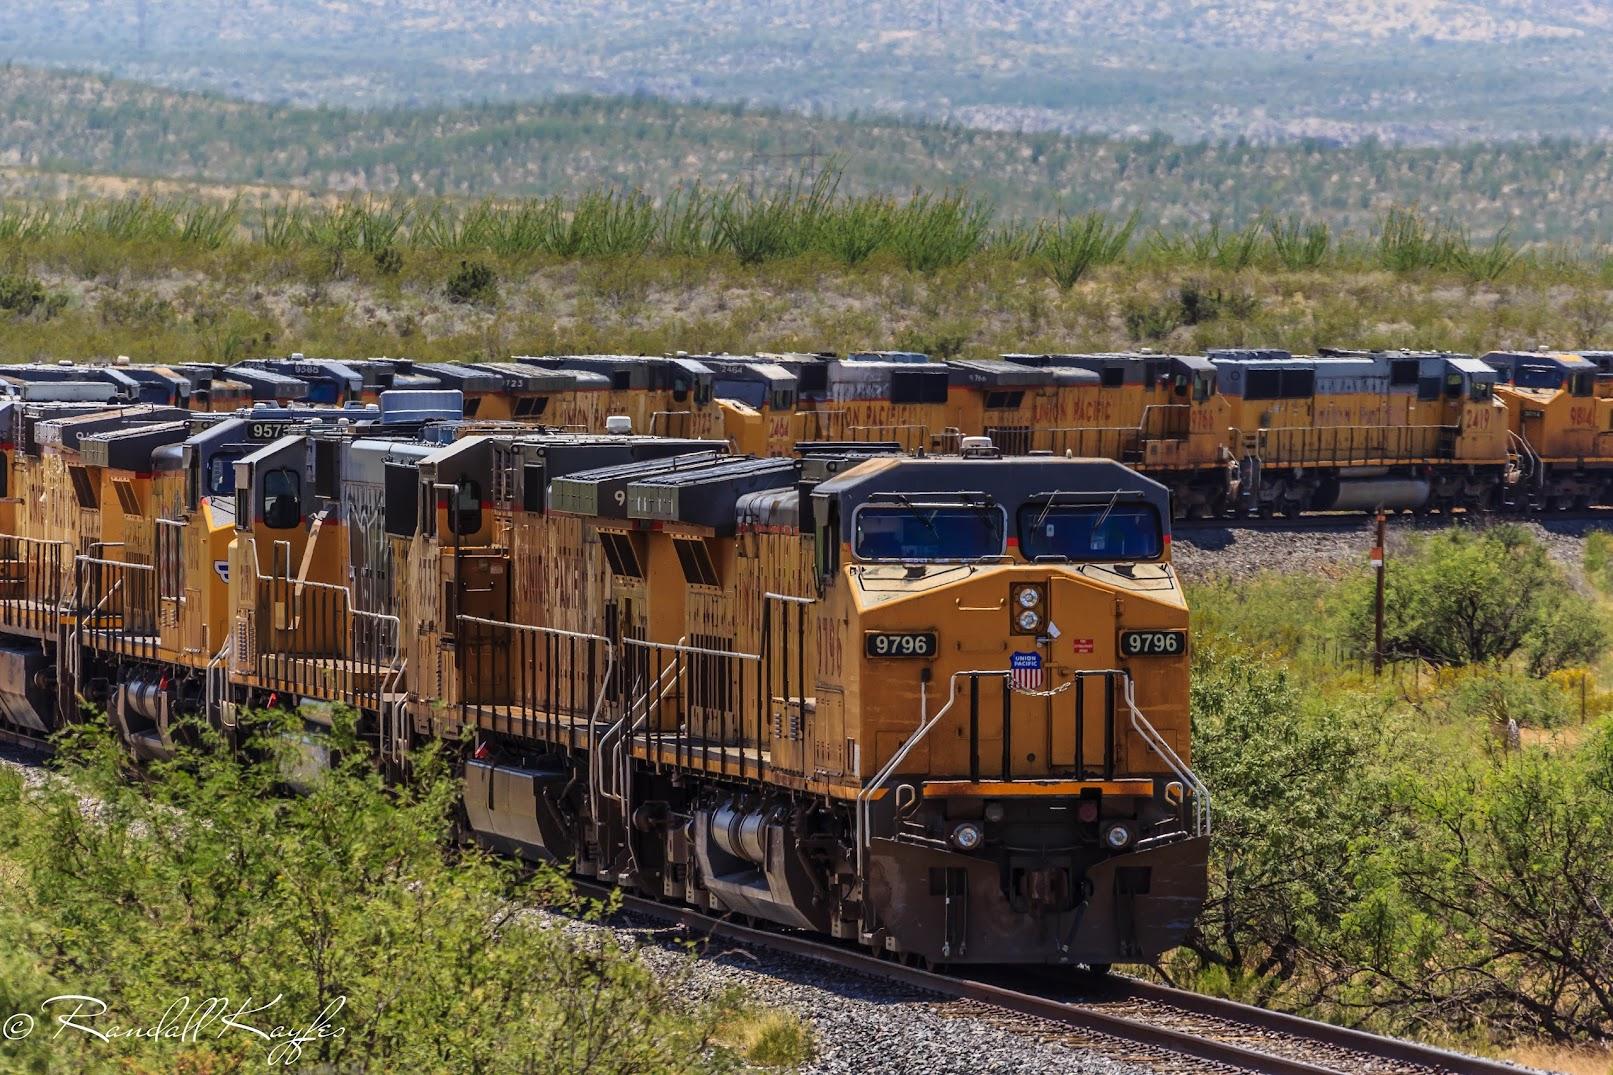 Locomotive Boneyard